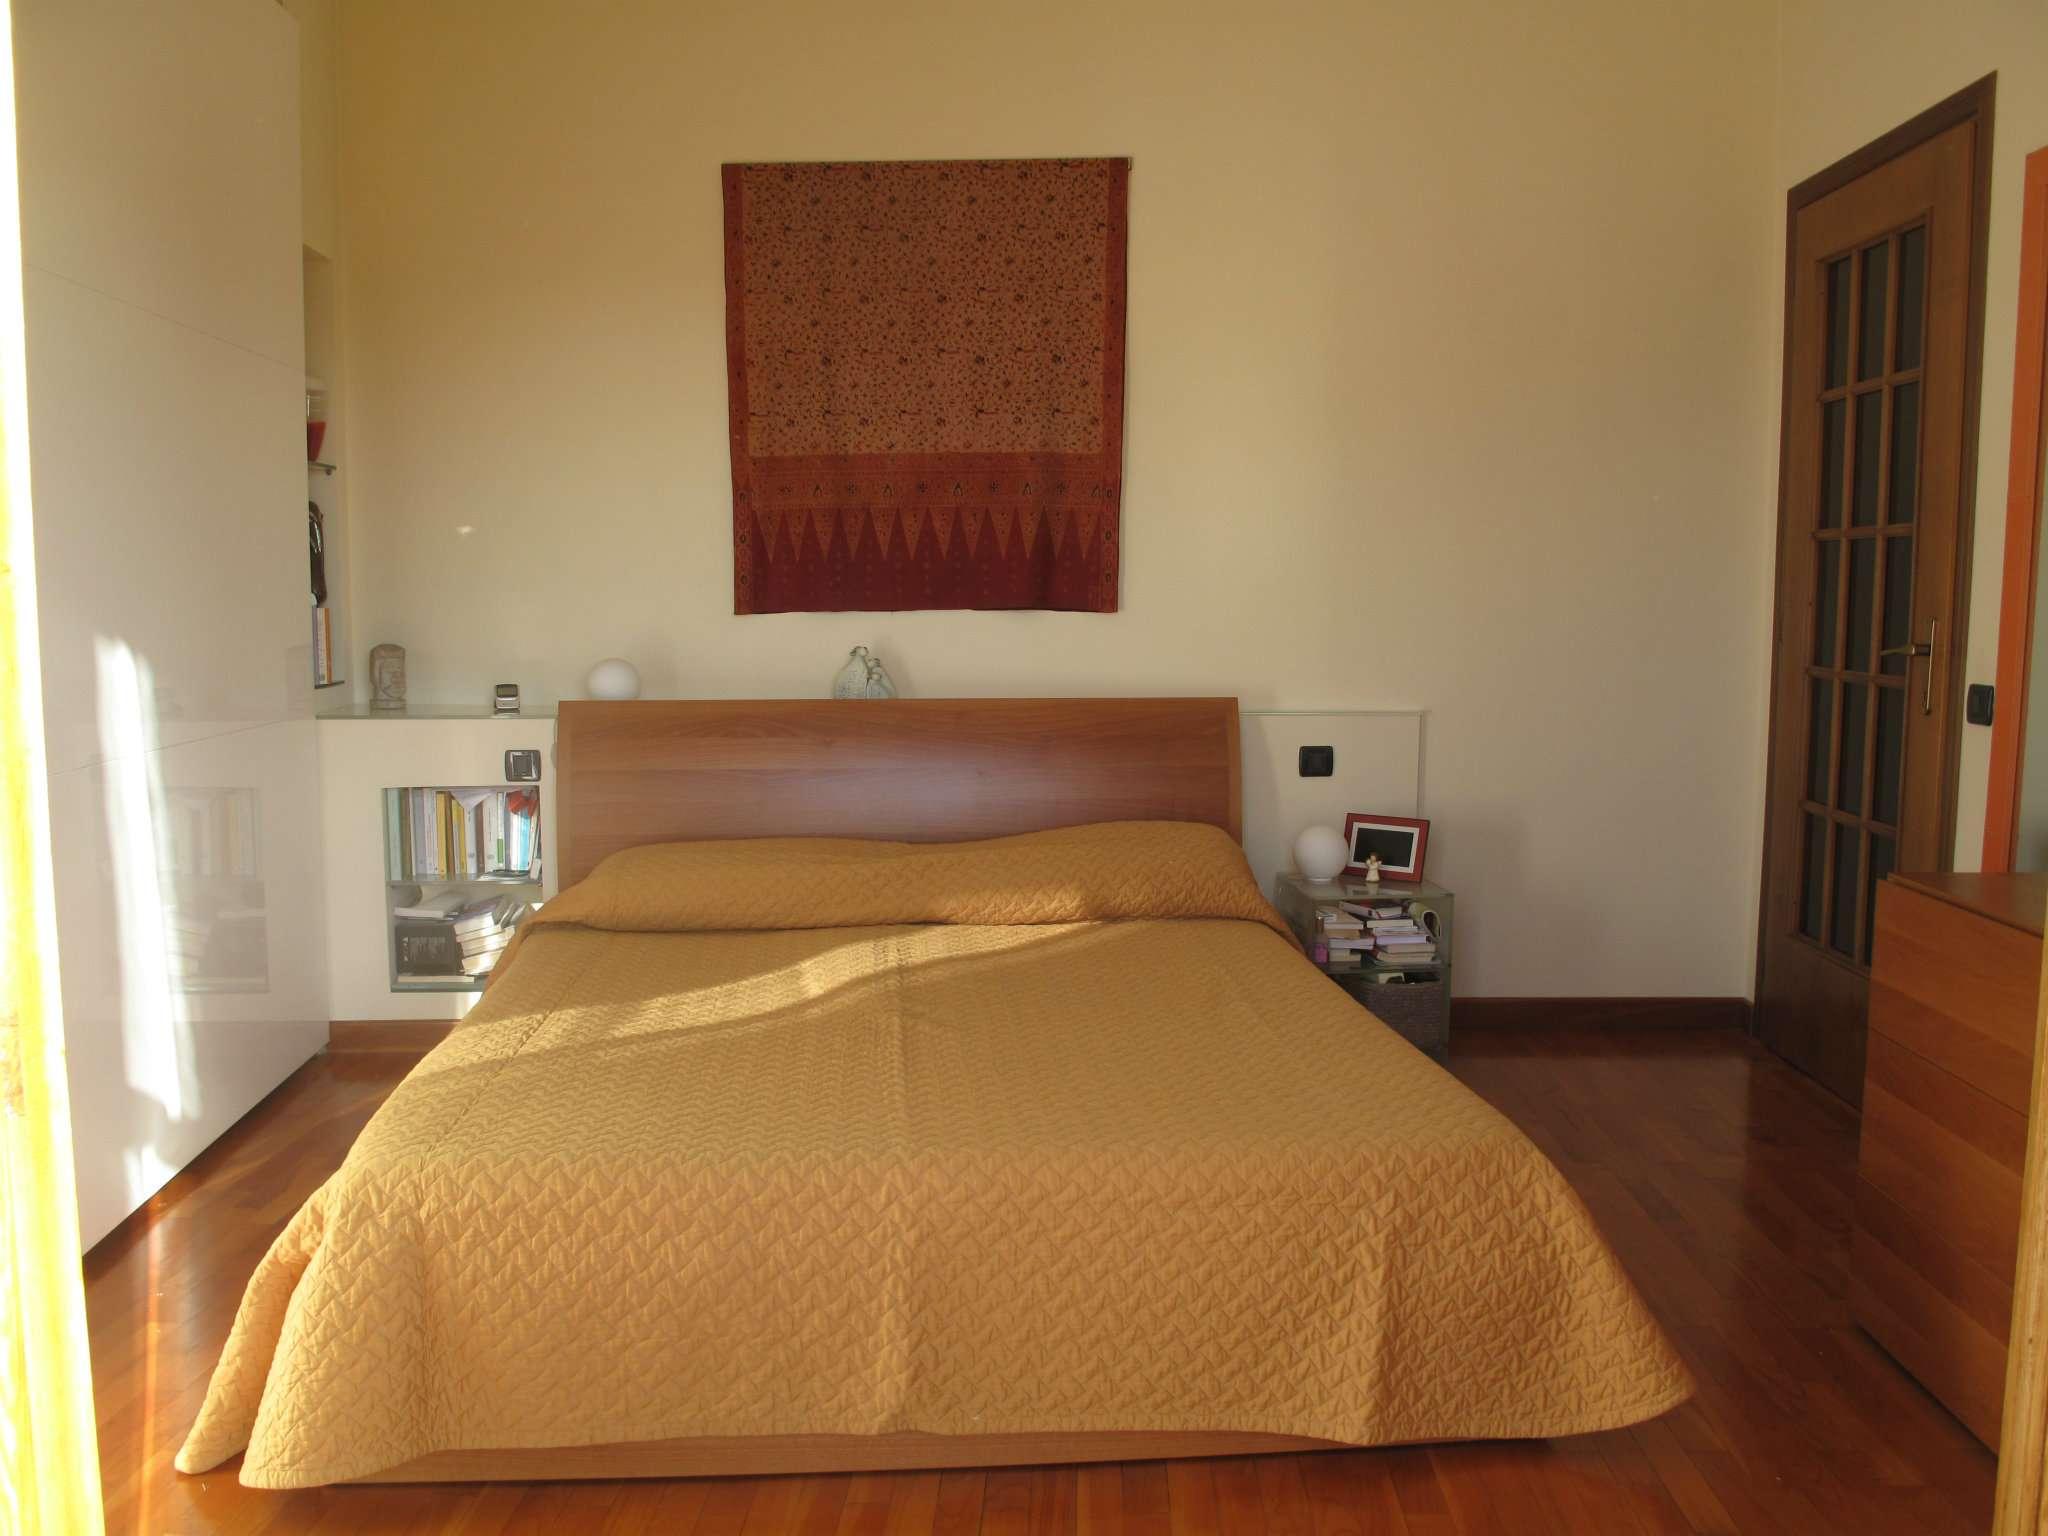 Appartamento in vendita a Alessandria, 3 locali, prezzo € 88.000 | CambioCasa.it